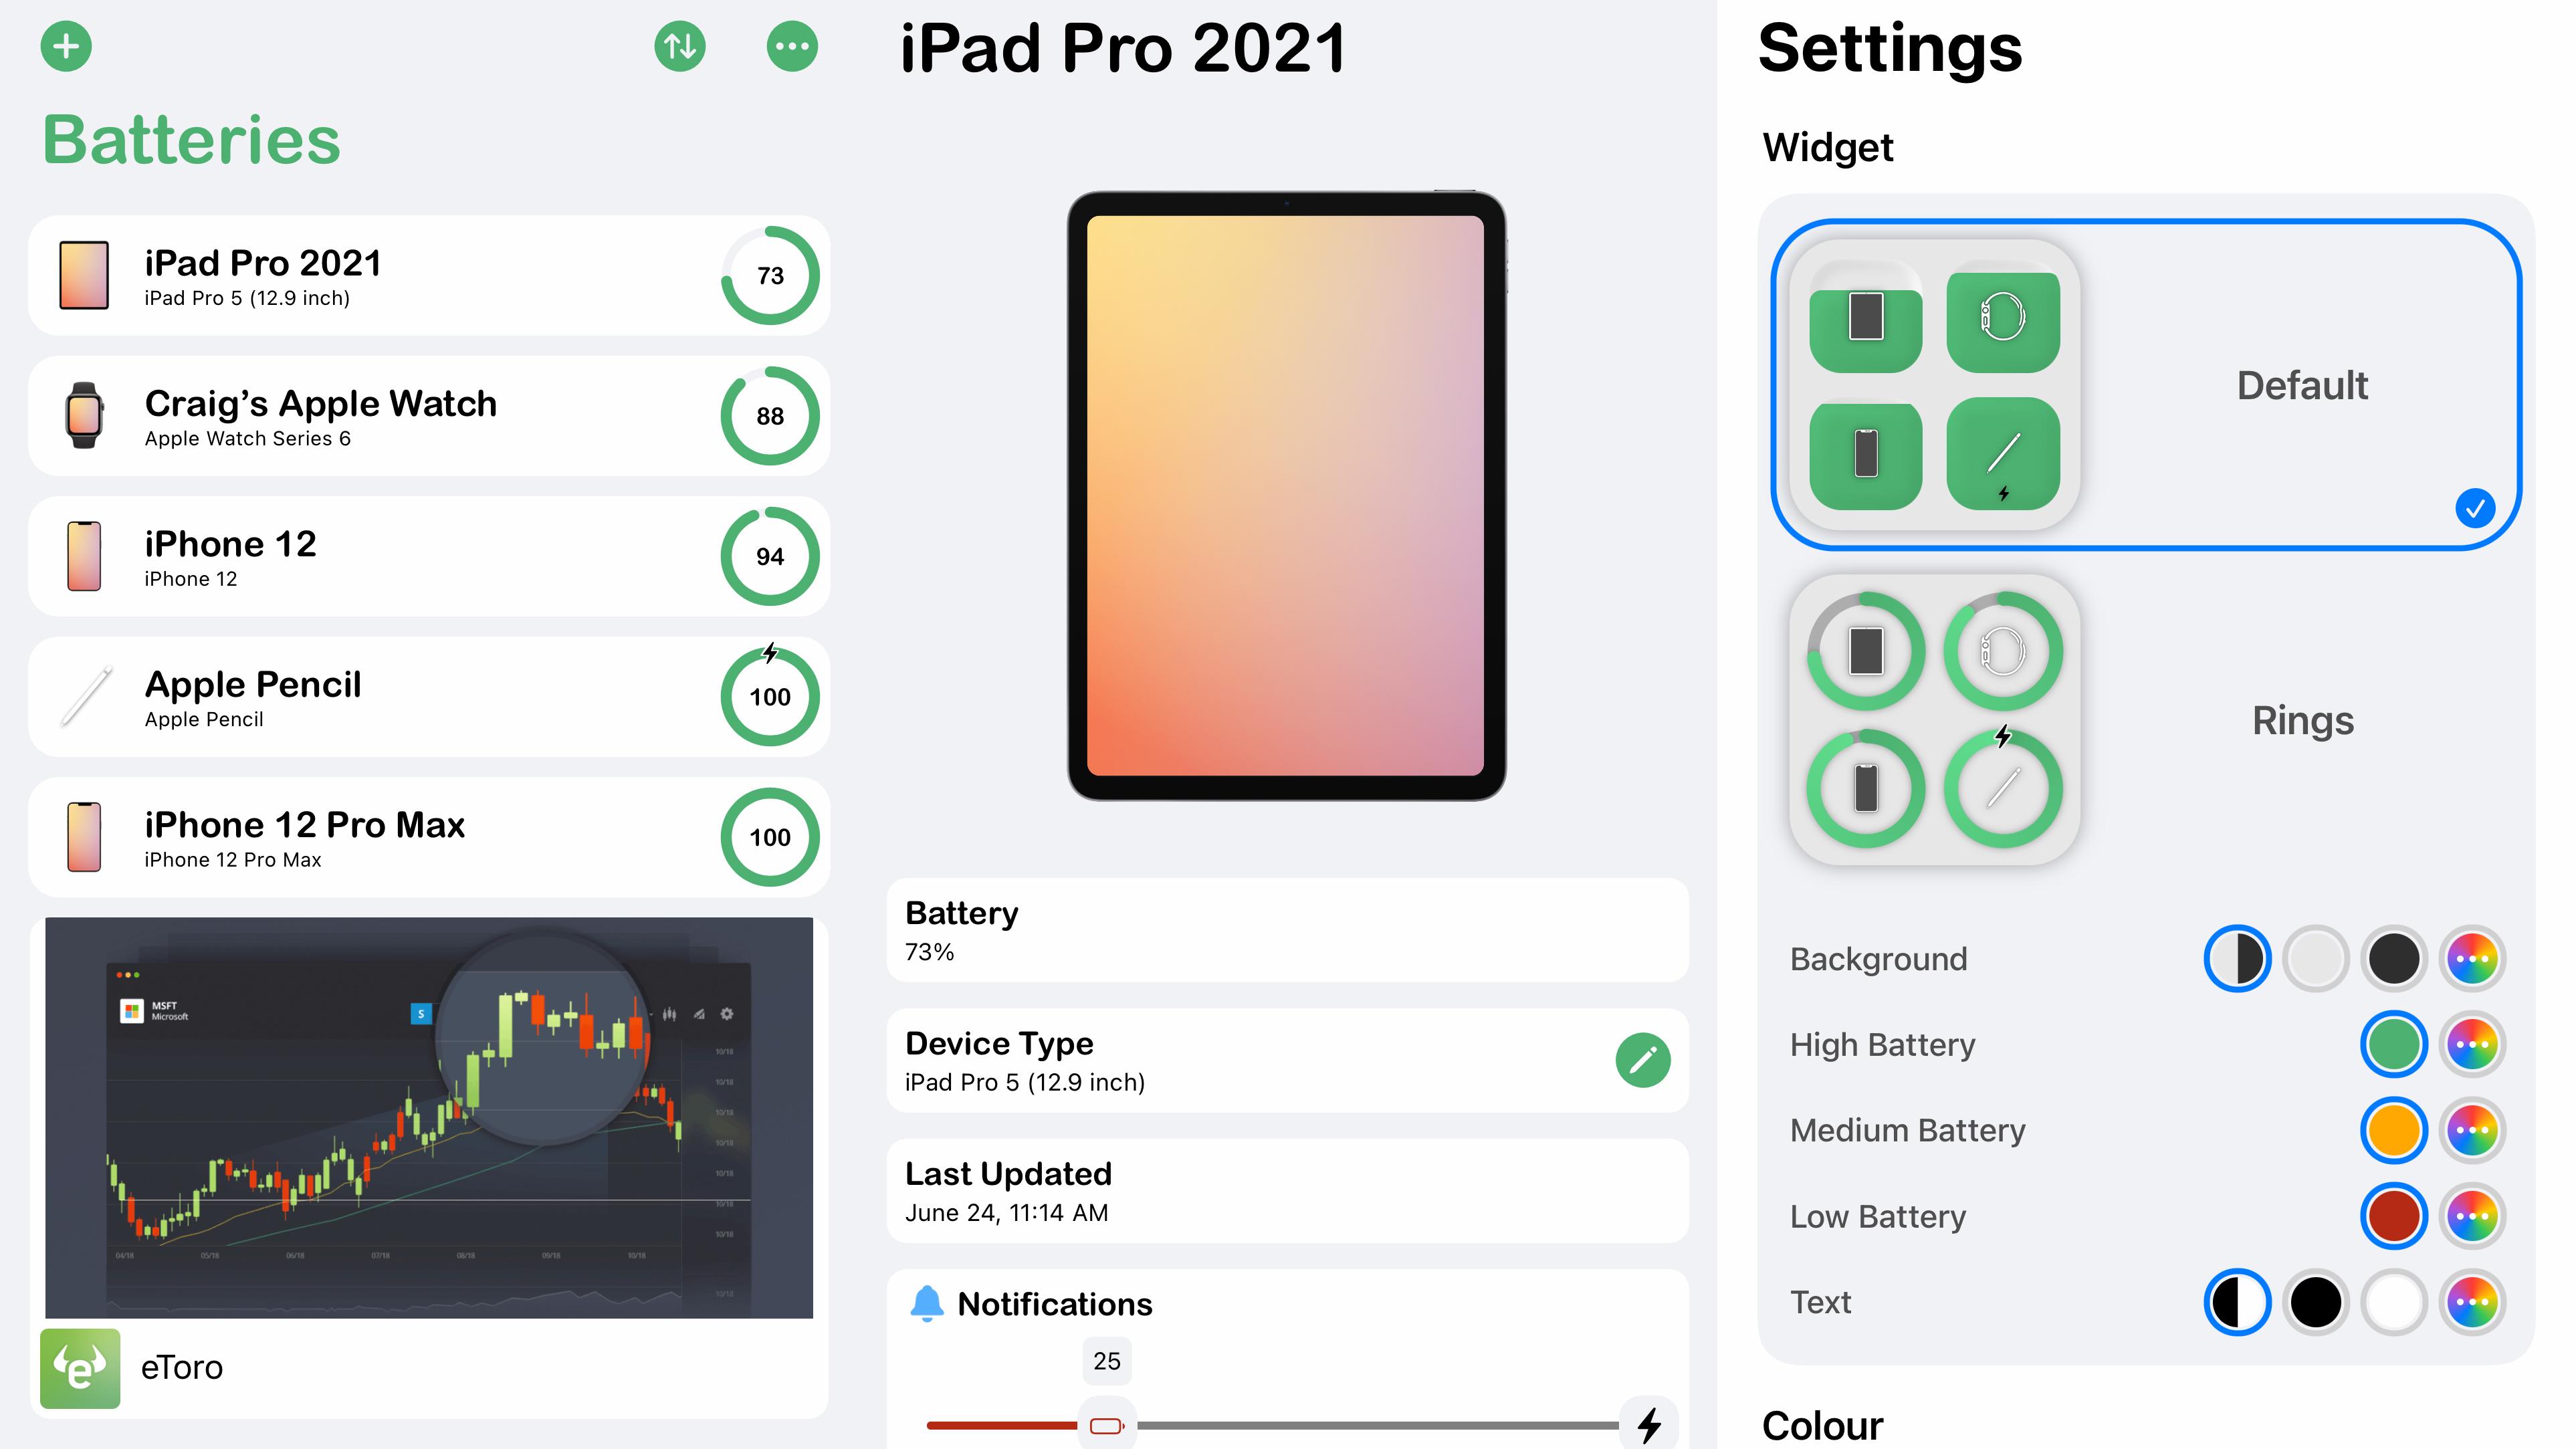 Screenshots showing Cloud Battery